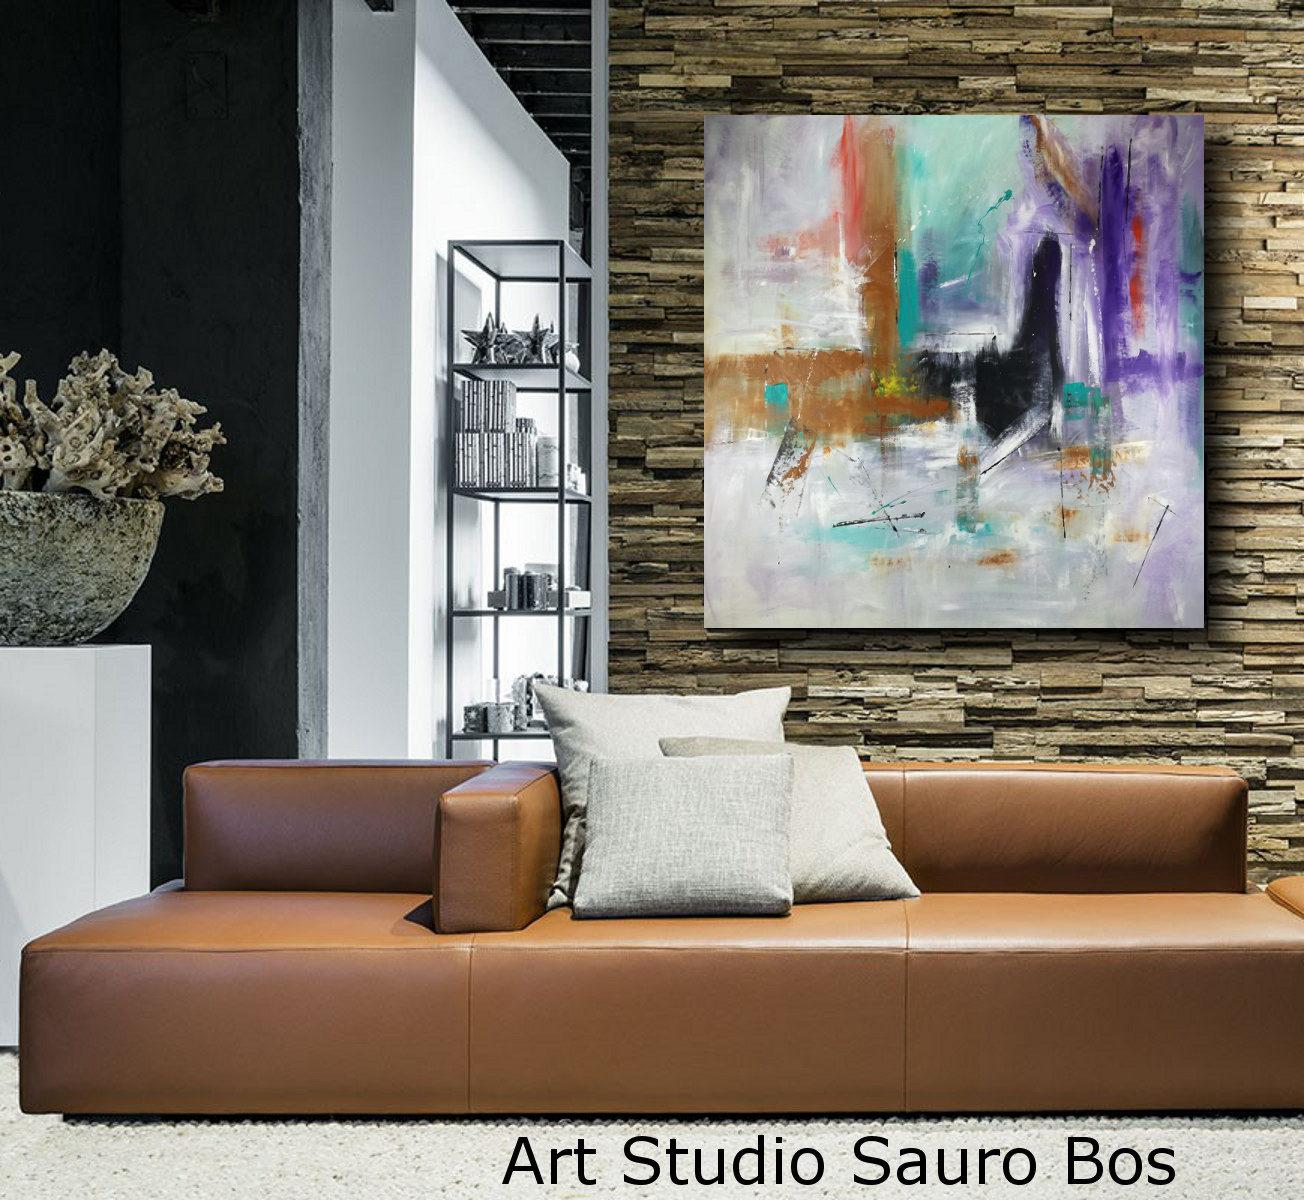 quadri astratti grandi per soggiorno moderno 120x120 | sauro bos